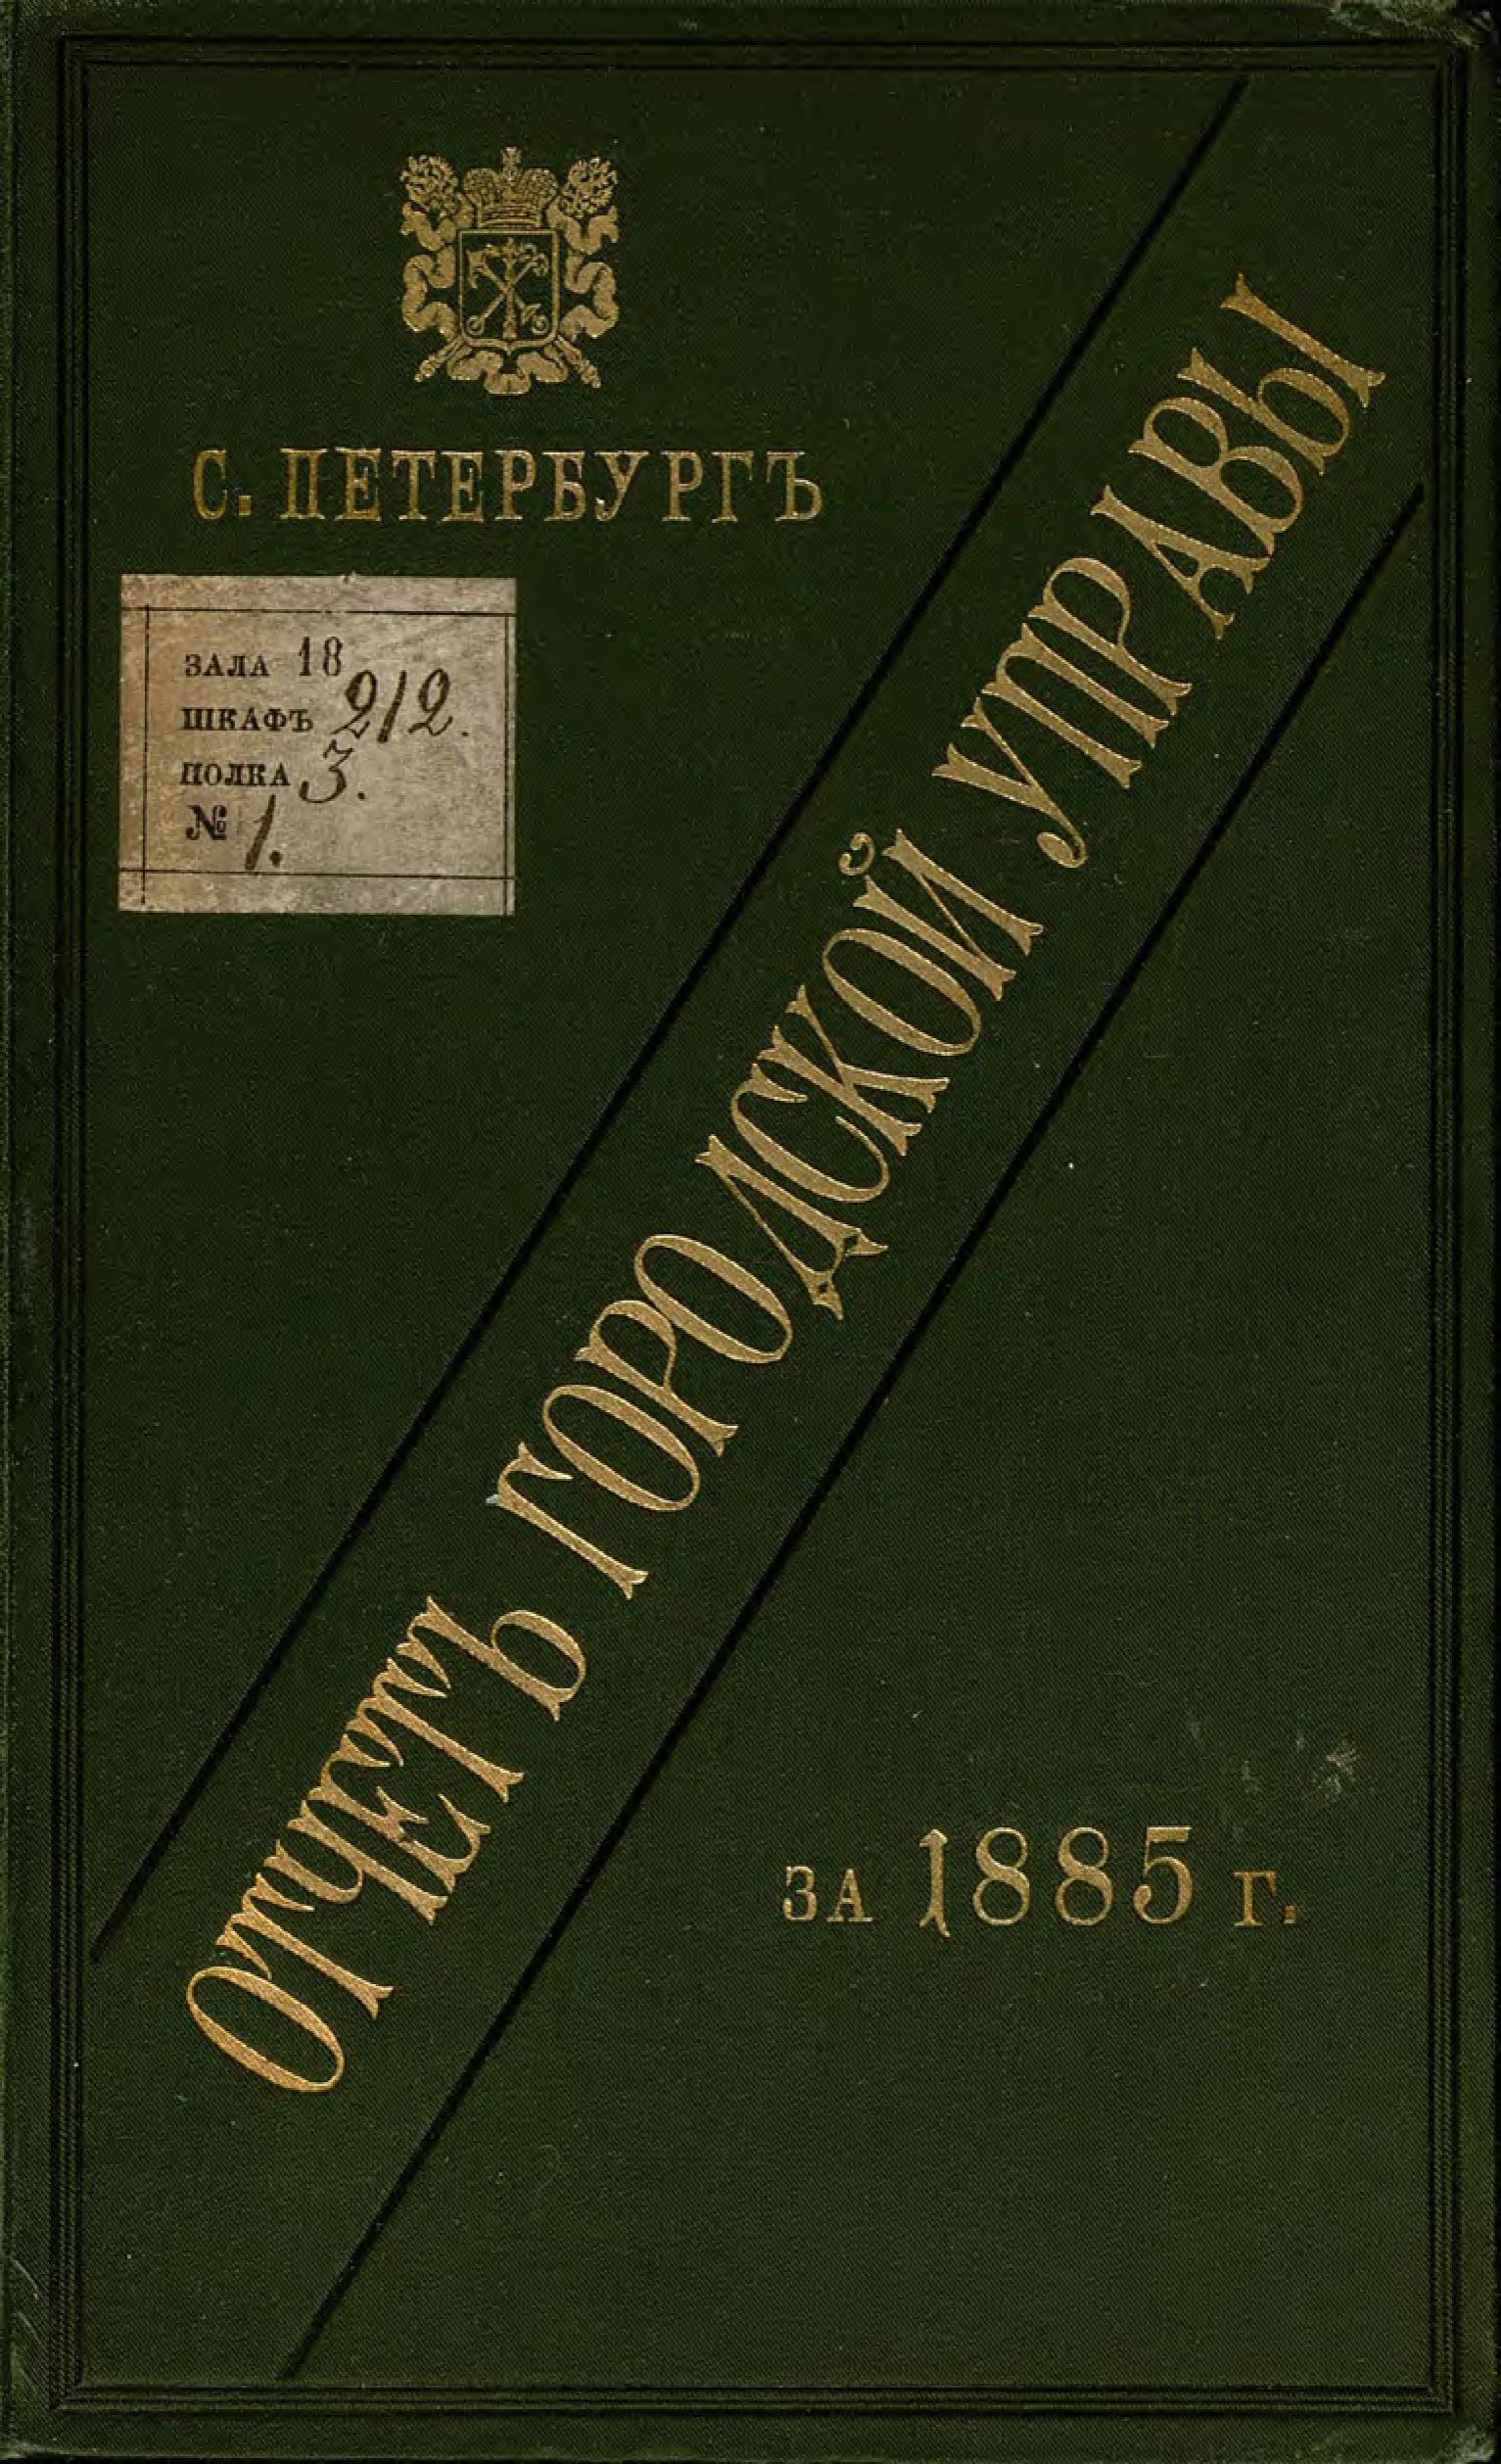 Коллектив авторов Отчет городской управы за 1885 г. коллектив авторов всеобщий календарь на 1918 г сокращ